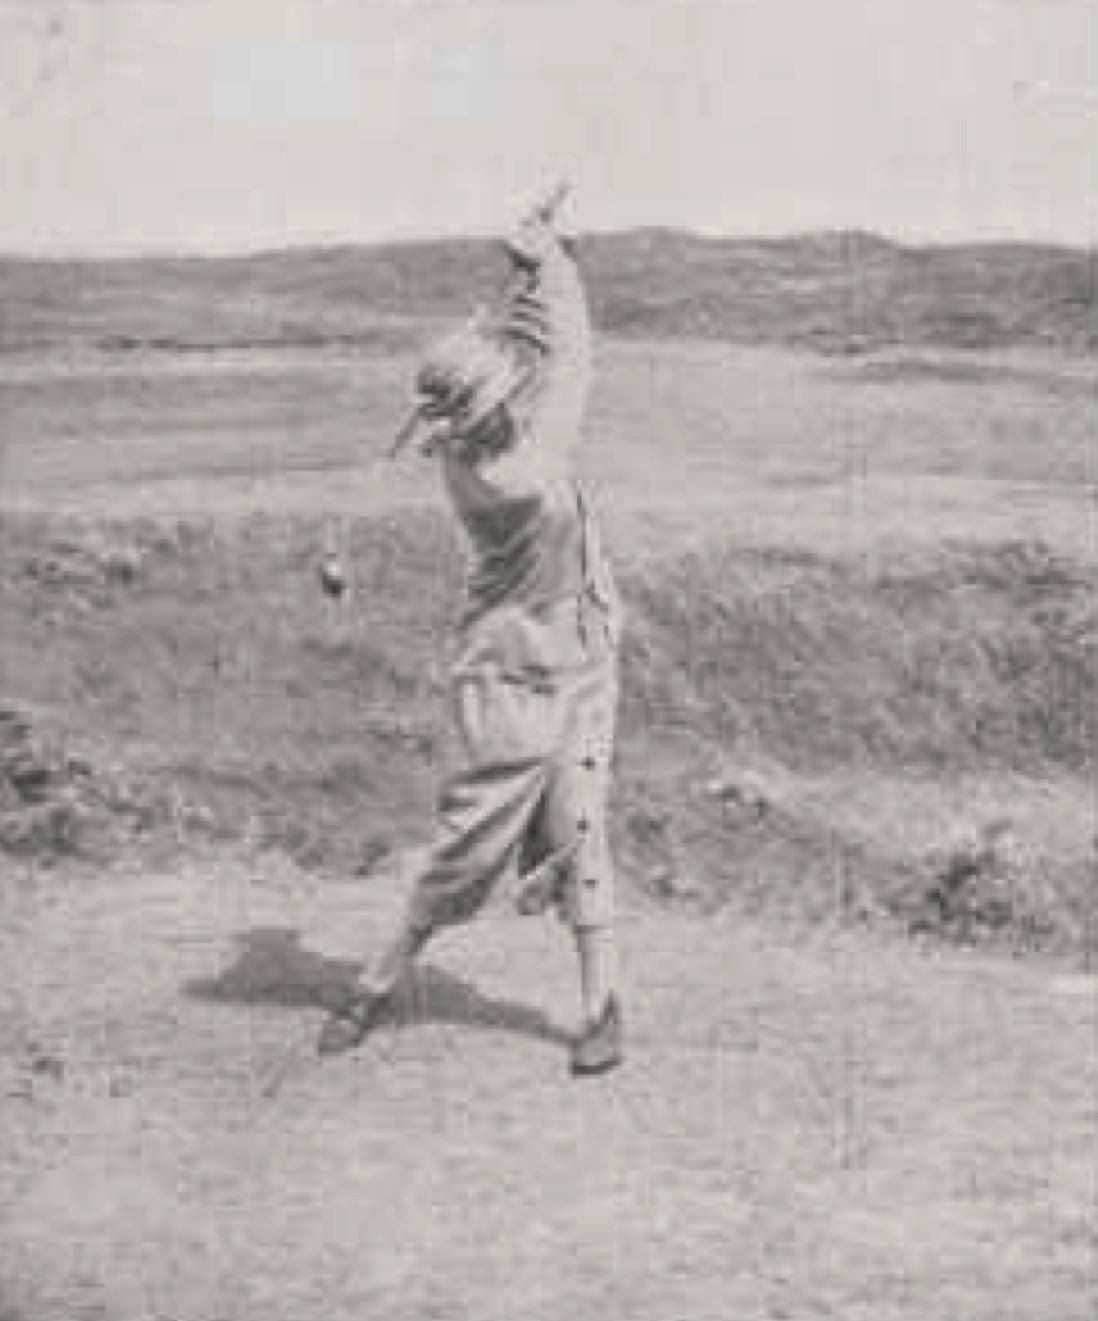 B. van Tienhoven; dameskampioen - 1926